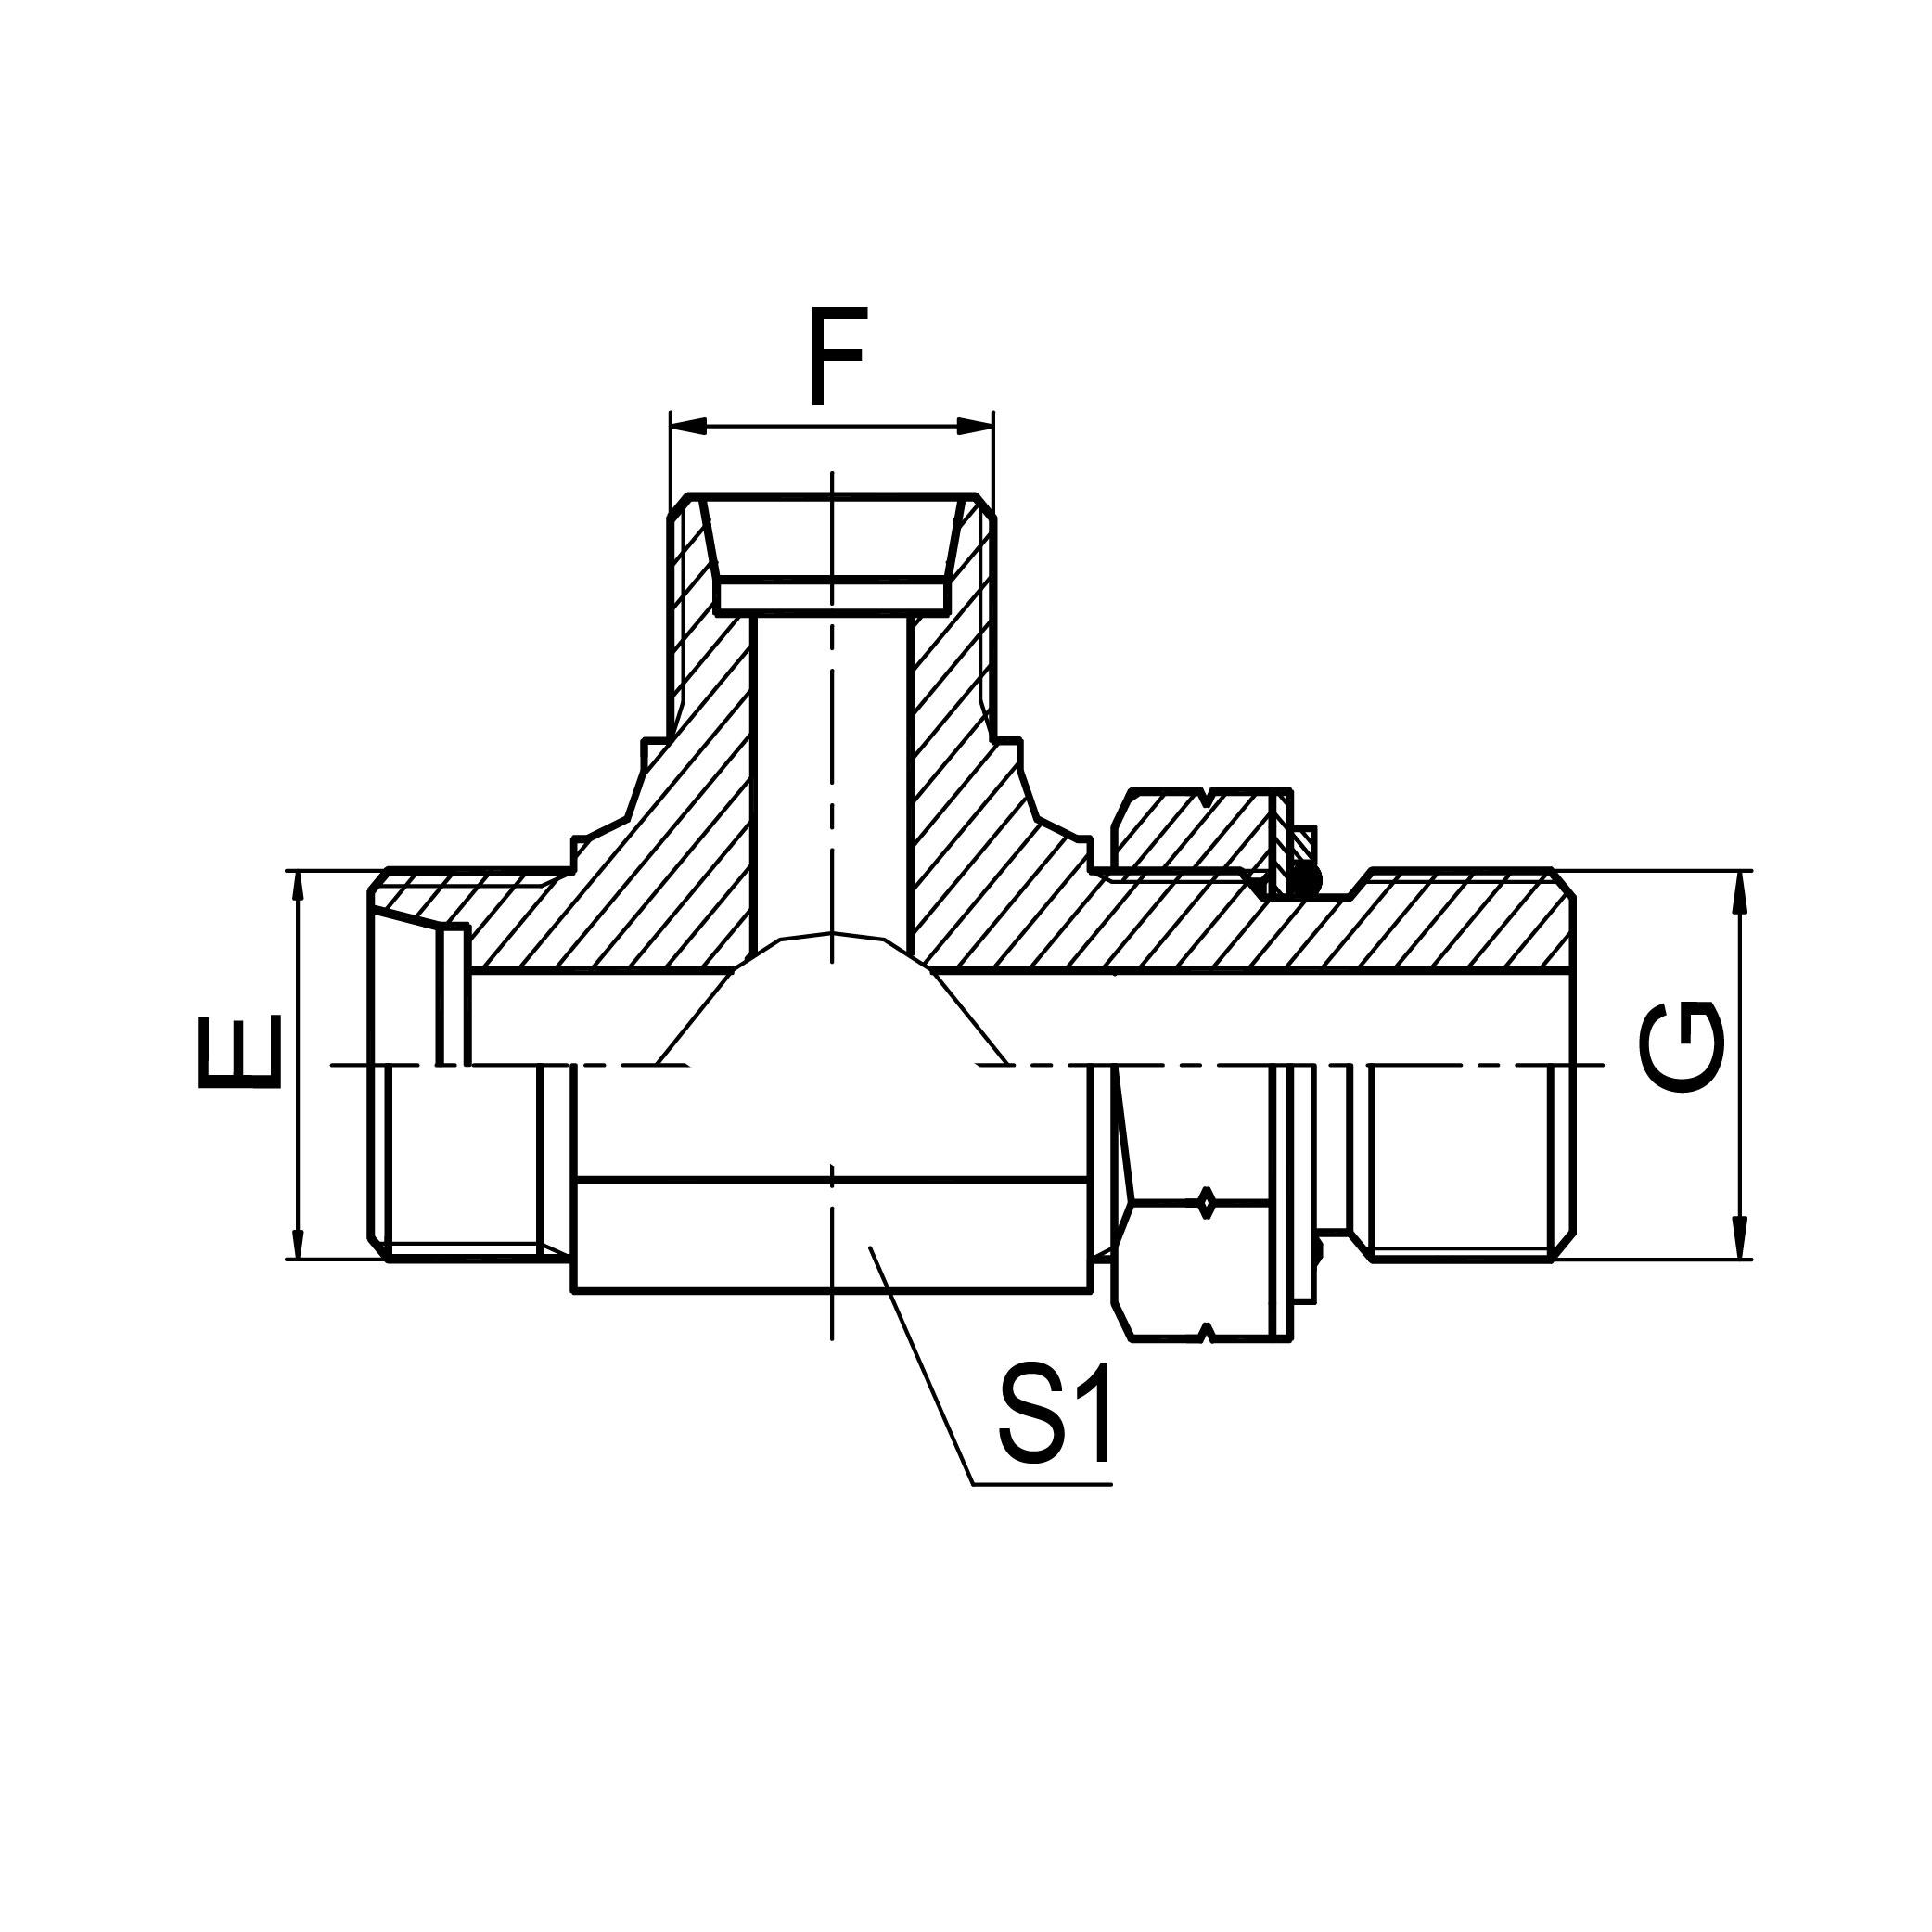 三通右端英管螺纹可调向O 形圈密封 ACCG-OG/ADDG-OG